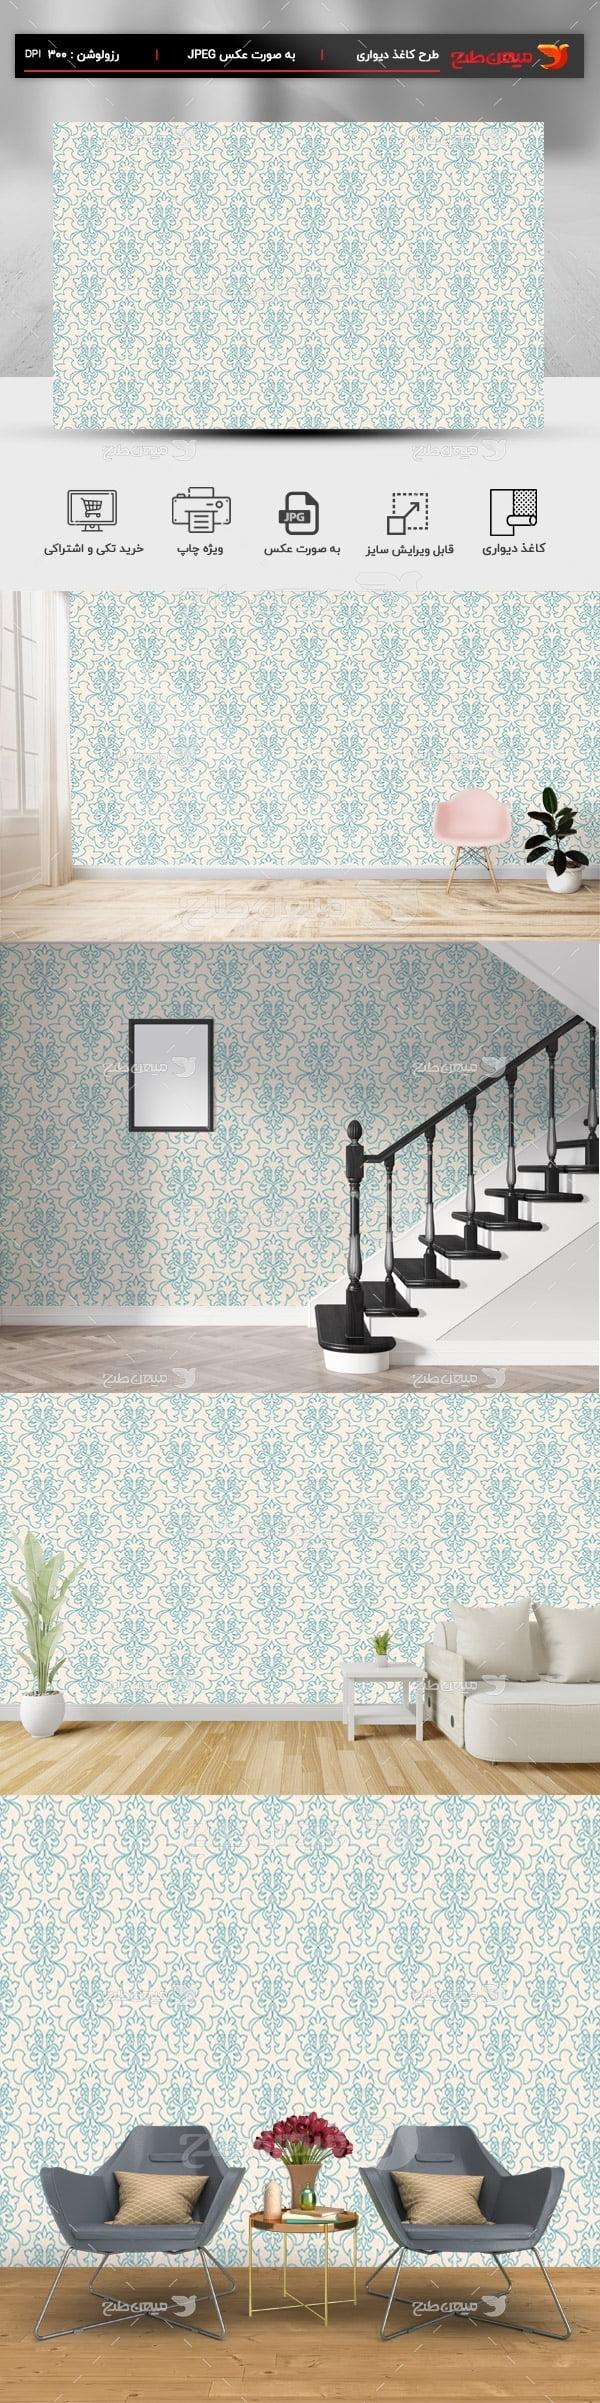 پوستر کاغذ دیواری ساده مدل بک گراند سفید طرح سبز آبی